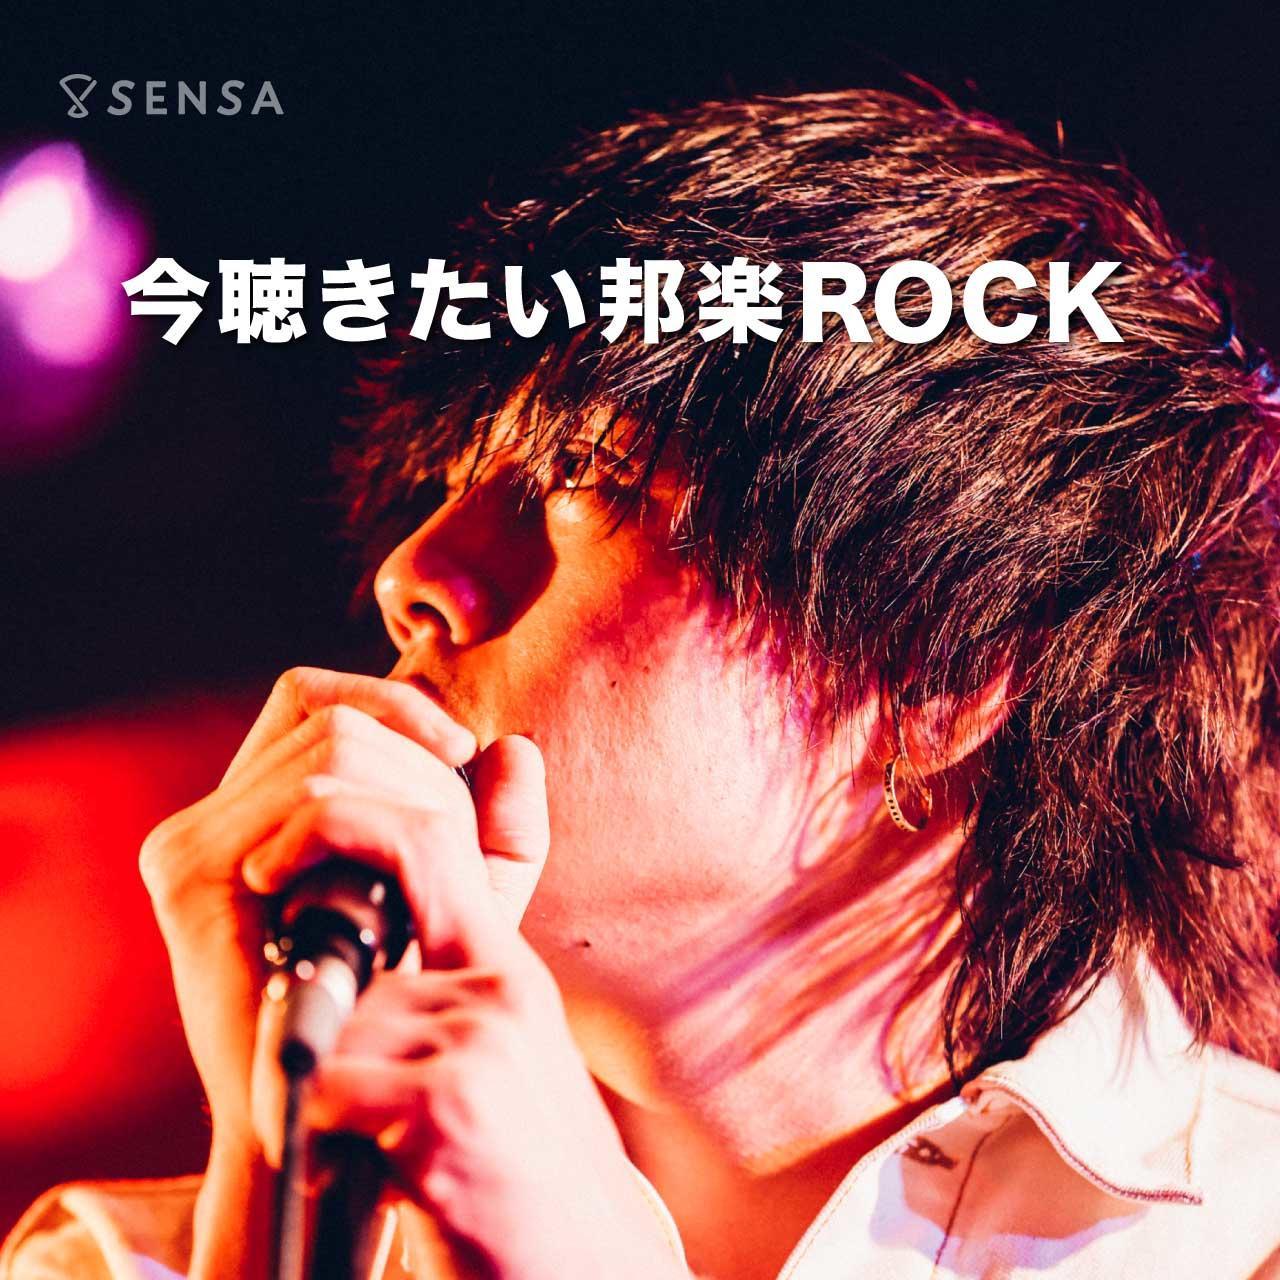 sensa_web_playlists_horock_202106_01.jpg